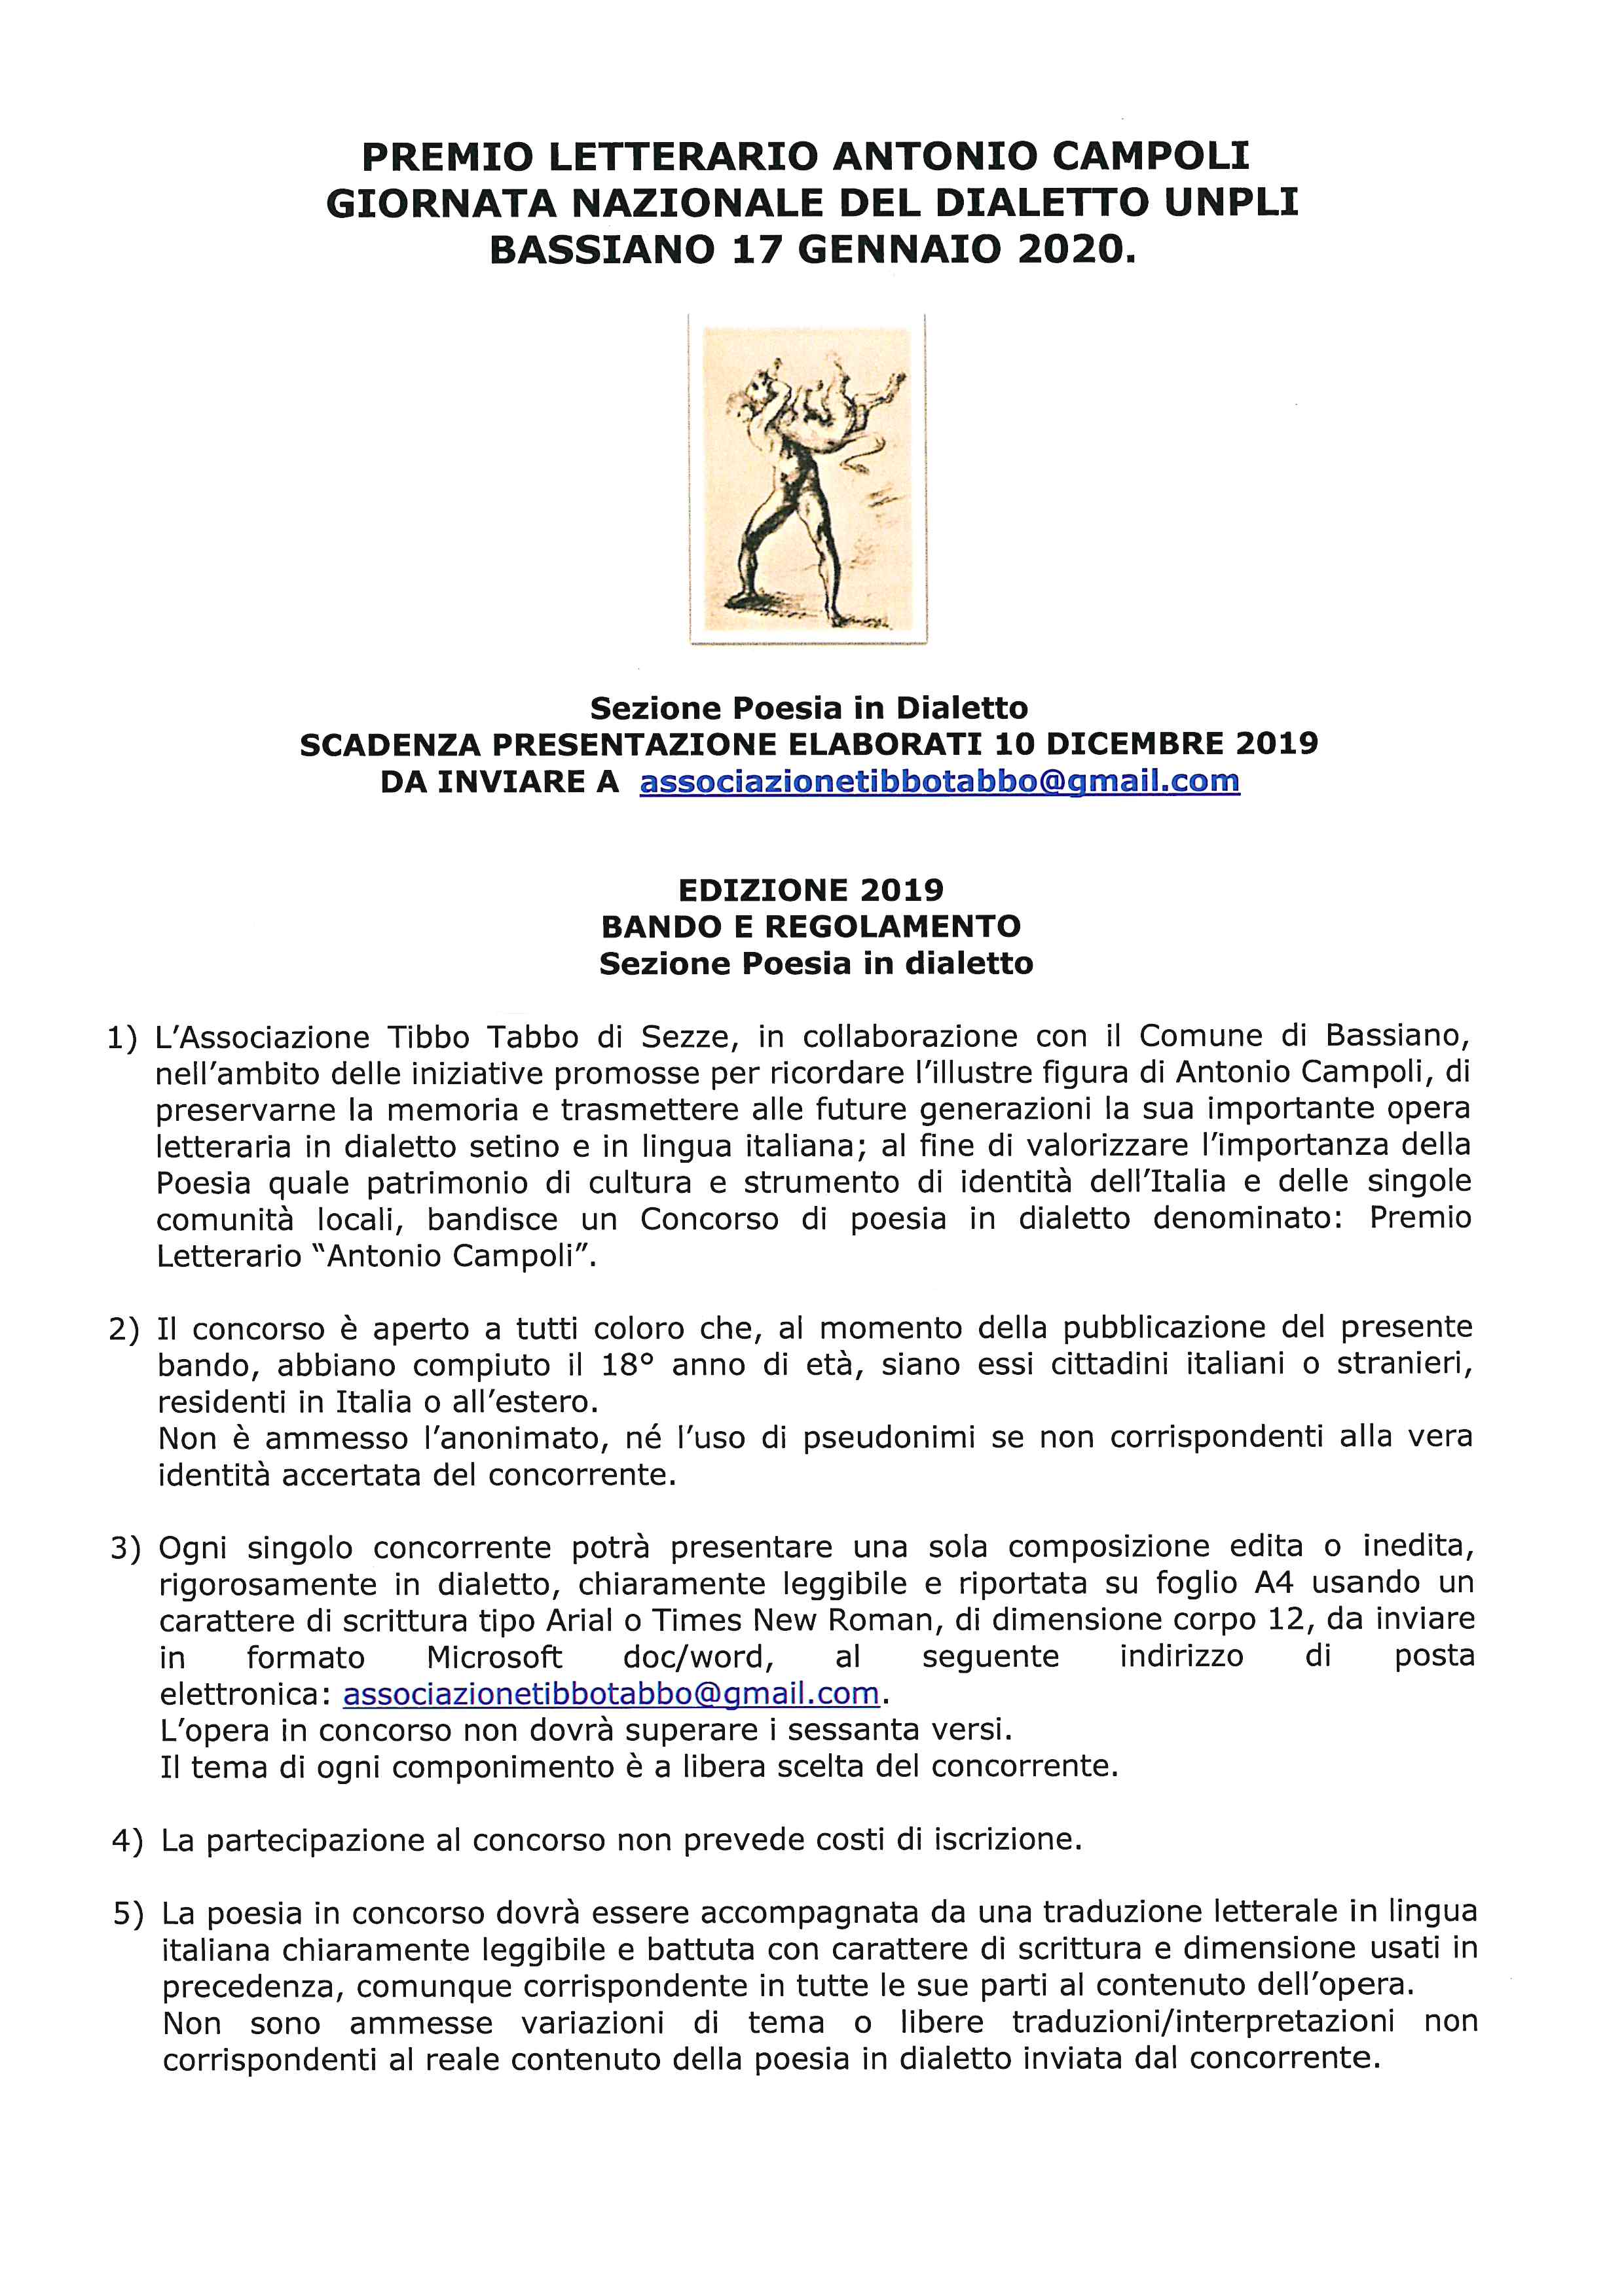 PREMIO LETTERARIO ANTONIO CAMPOLI - Giornata nazionale del dialetto UNPLI - Bassiano 17 gennaio 2020